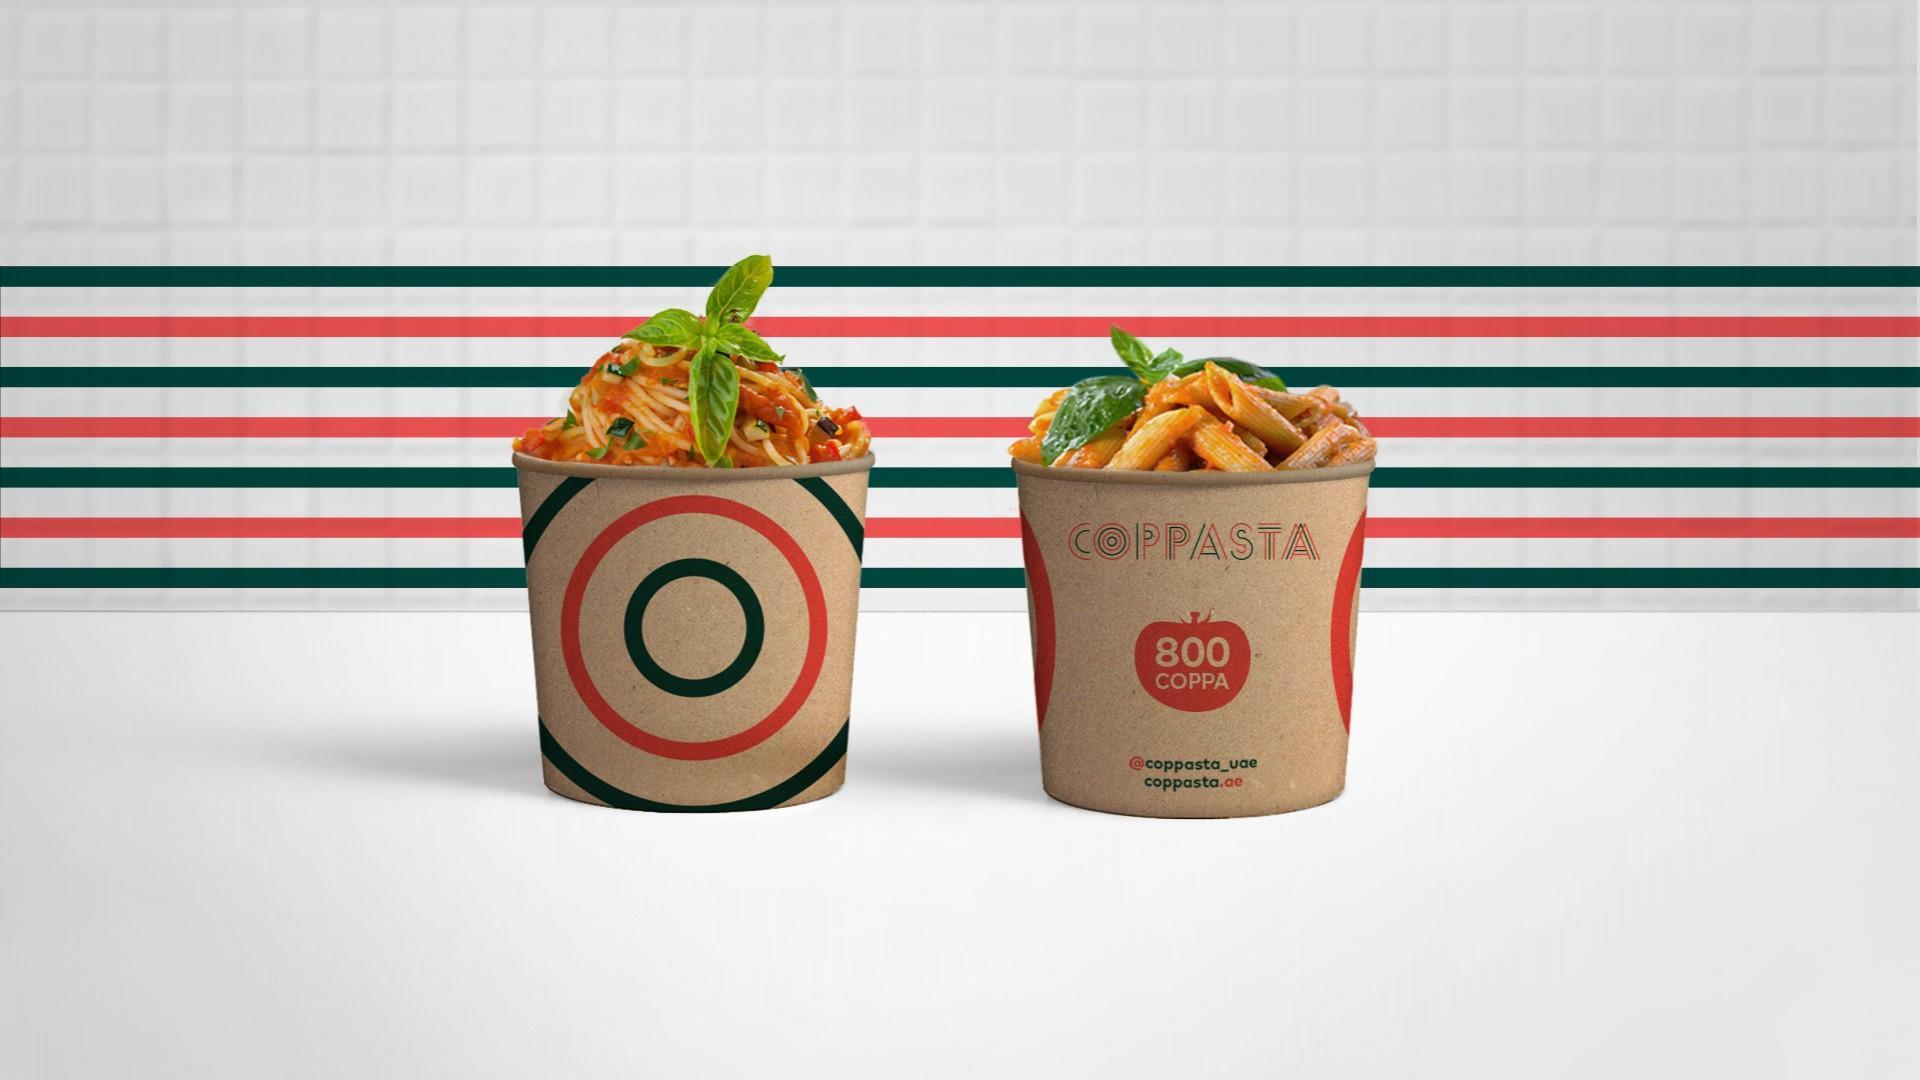 Coppasta_Cups